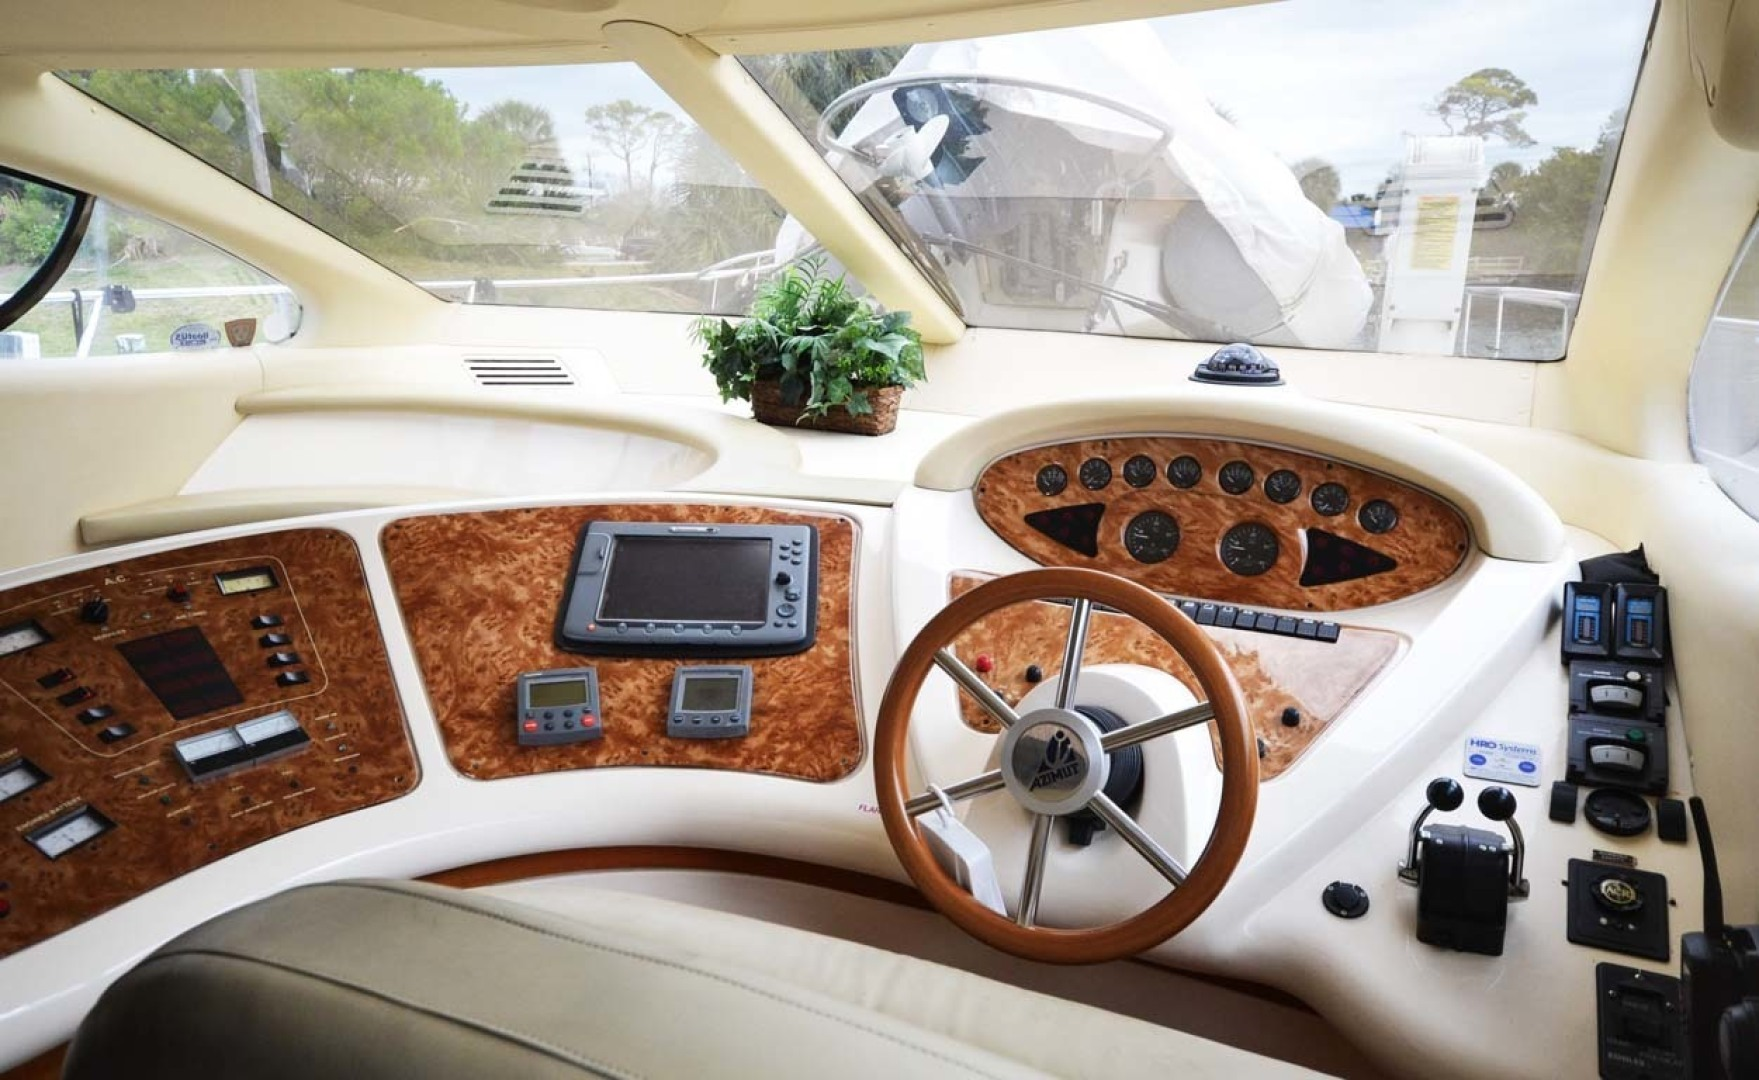 Azimut-46 Motor Yacht 2003-ChrAmy Melbourne-Florida-United States-Engine Gauges And Electronics-1318886 | Thumbnail